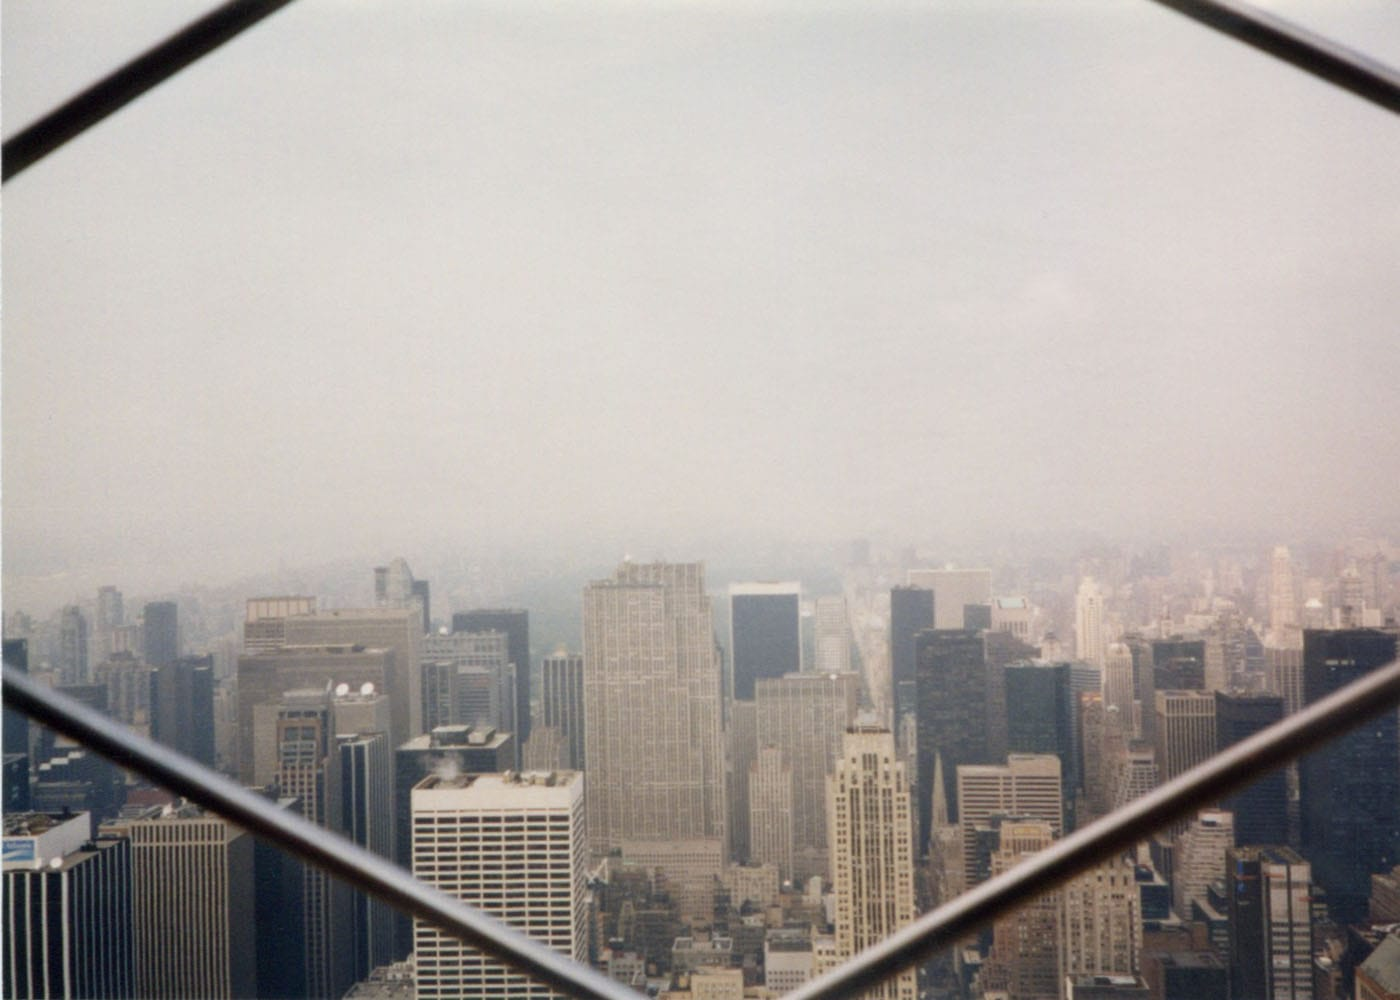 New York in 1999